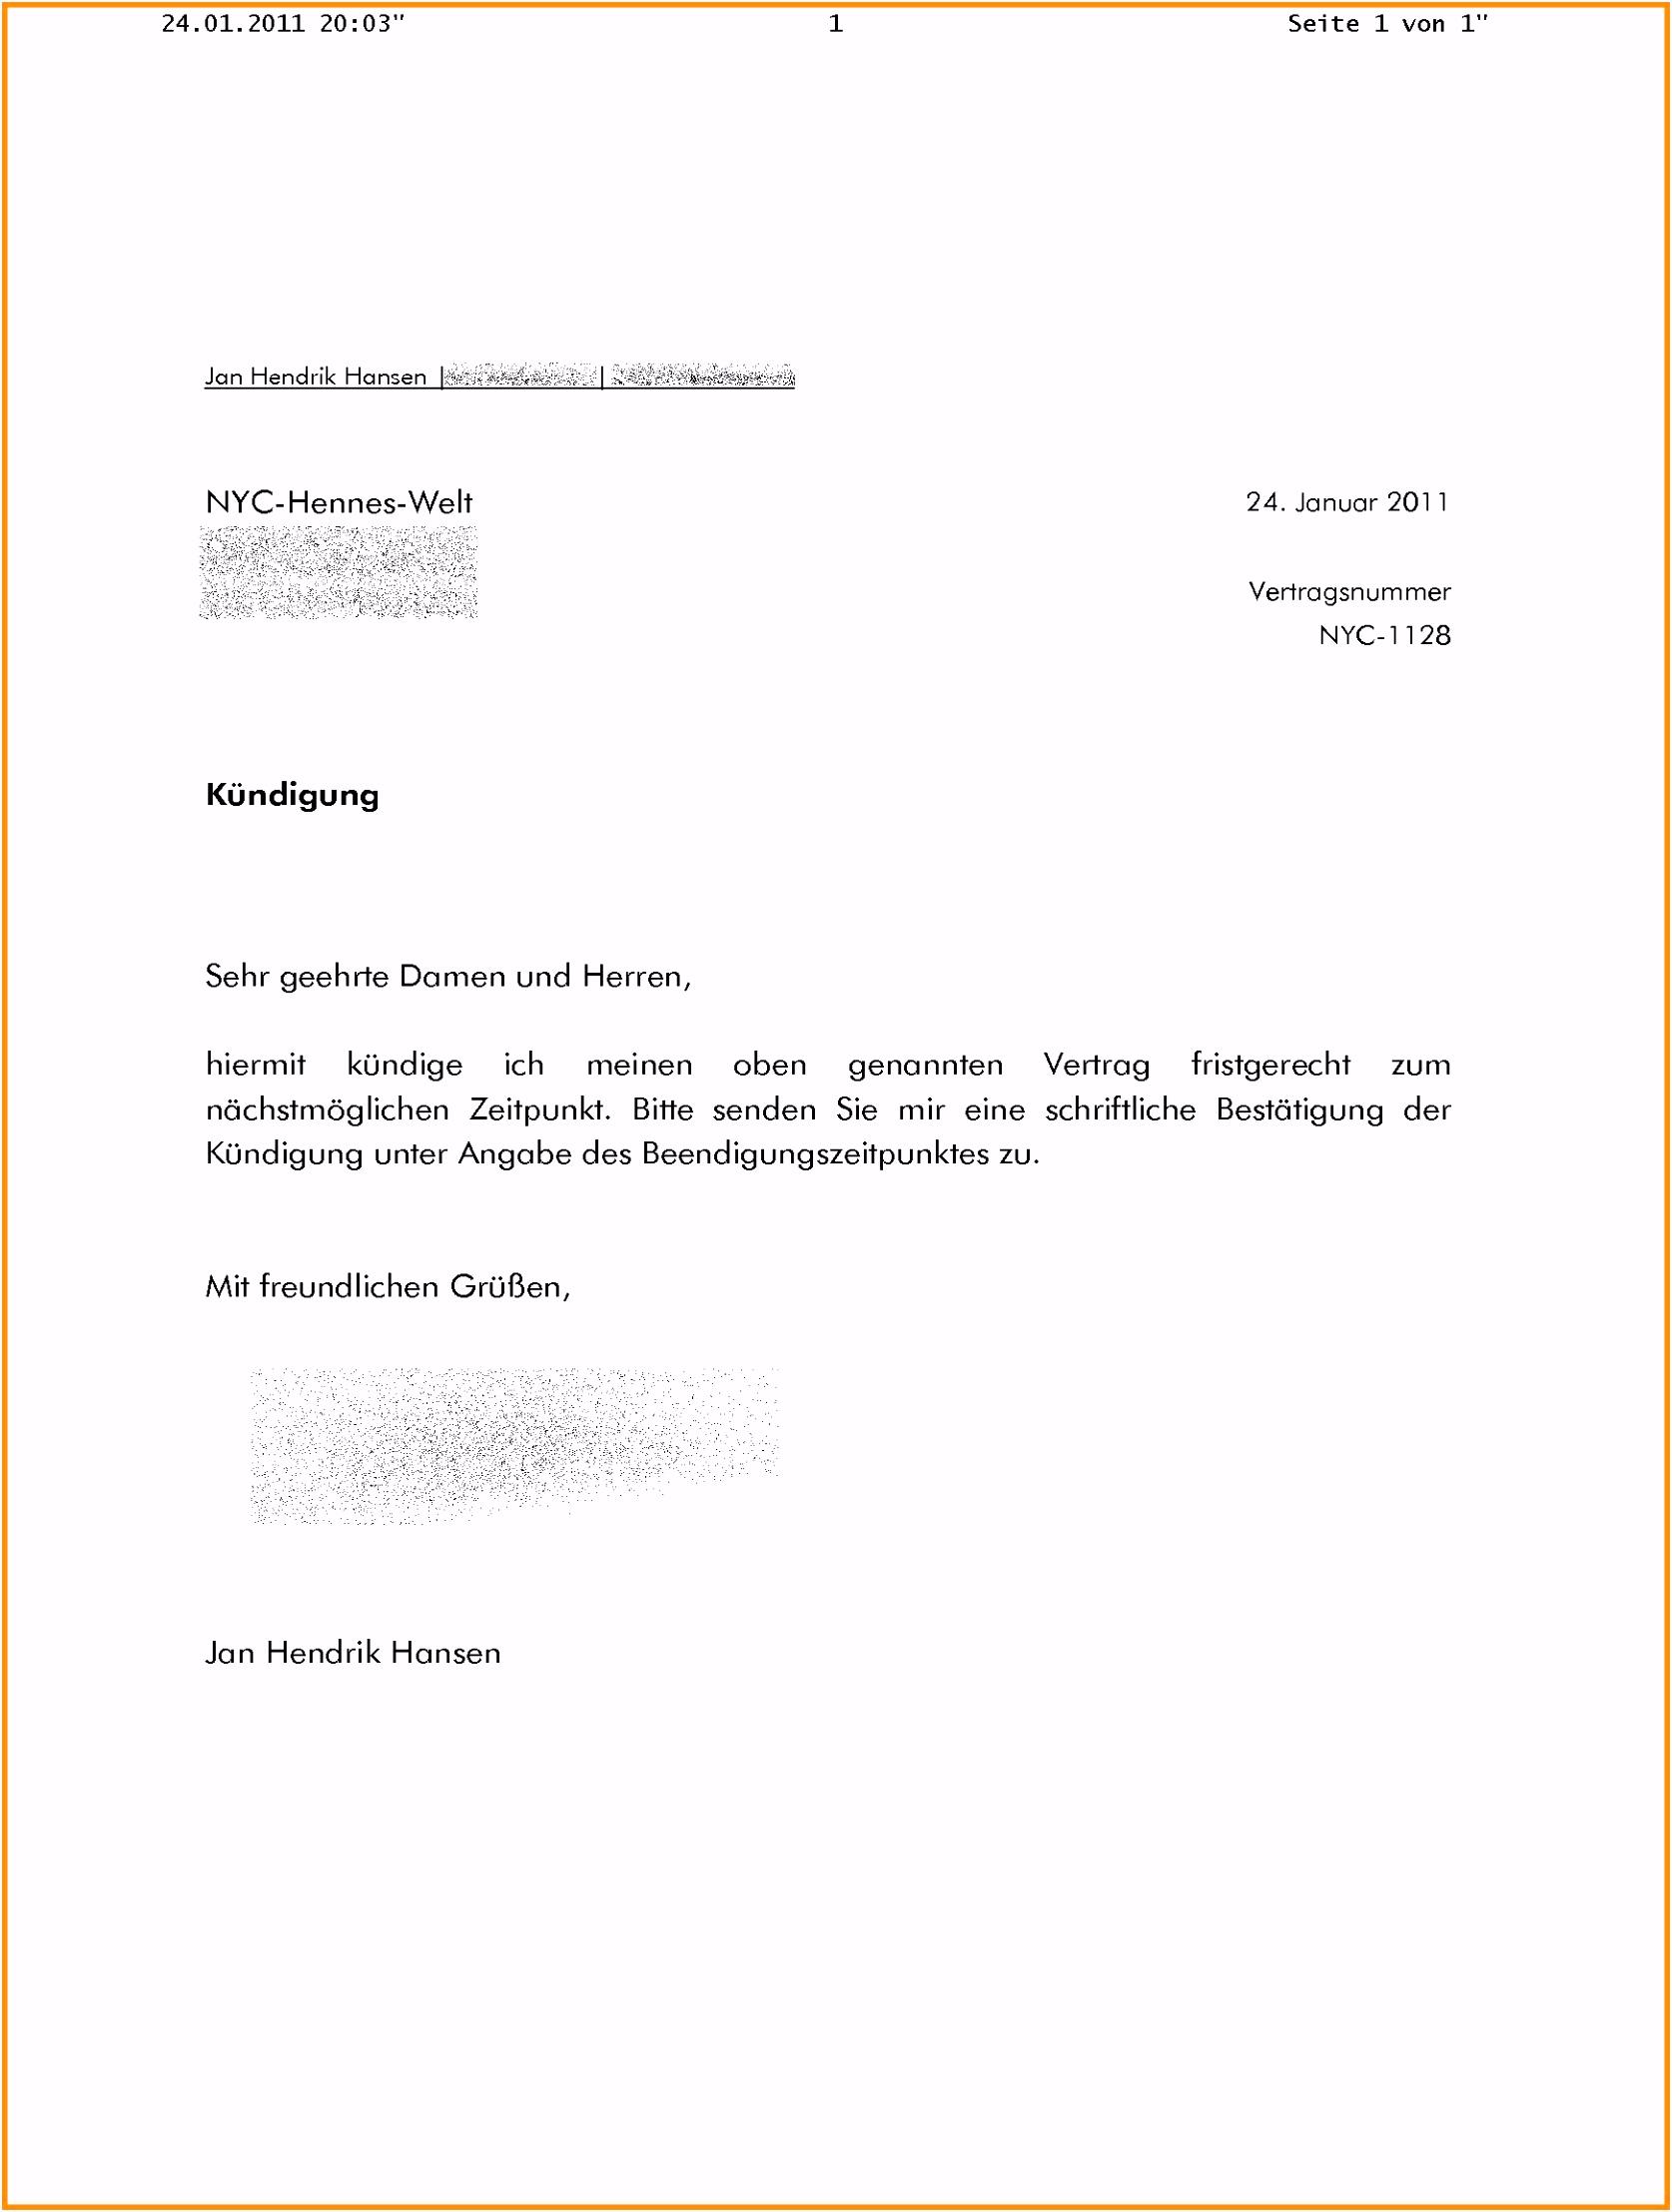 Telekom Vertrag Kundigen Vorlage Pdf 15 Kündigungsschreiben Fitnessstudio Muster G6lo66nfr3 H6gs52dml5